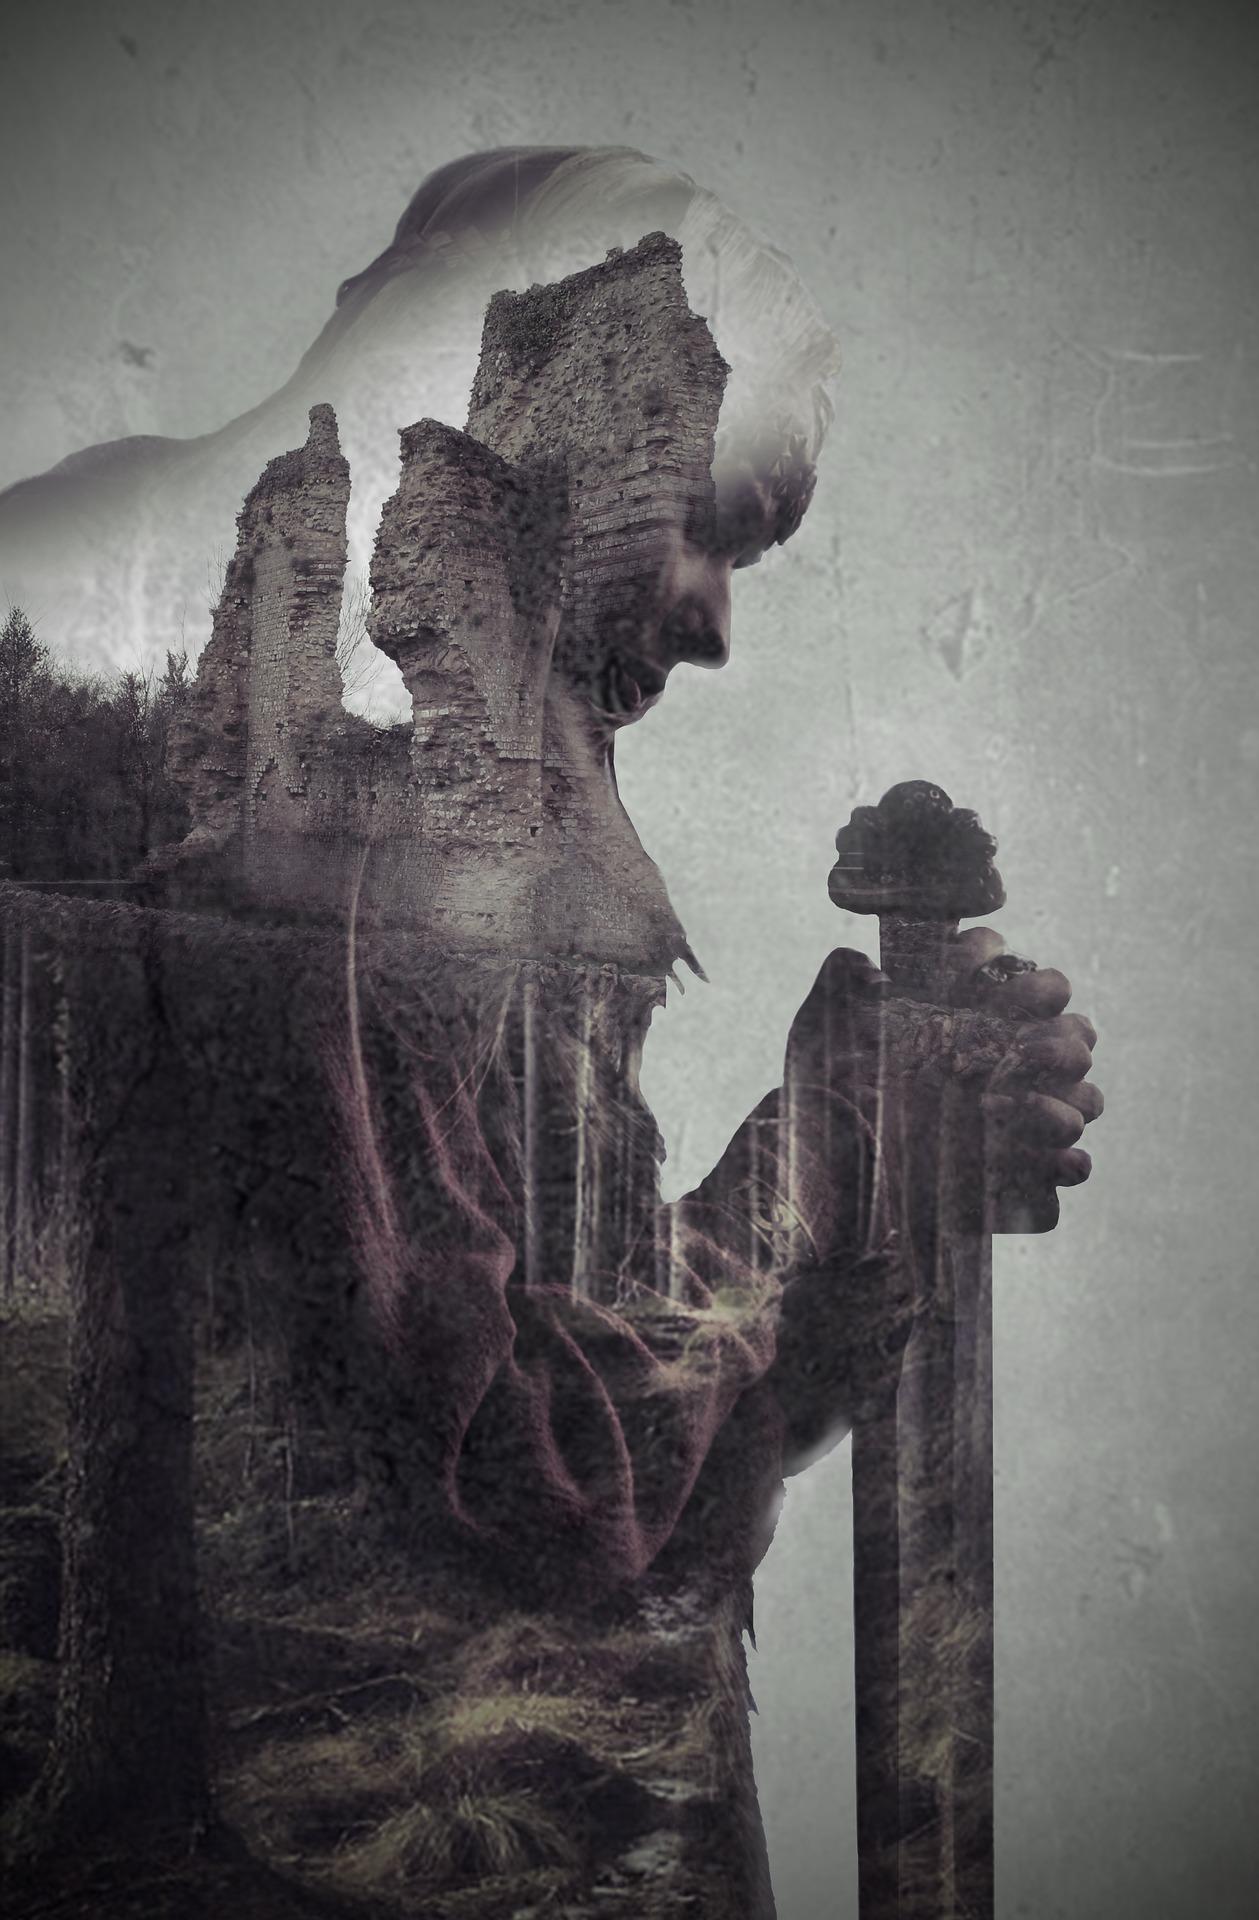 viking-2084863_1920.jpg